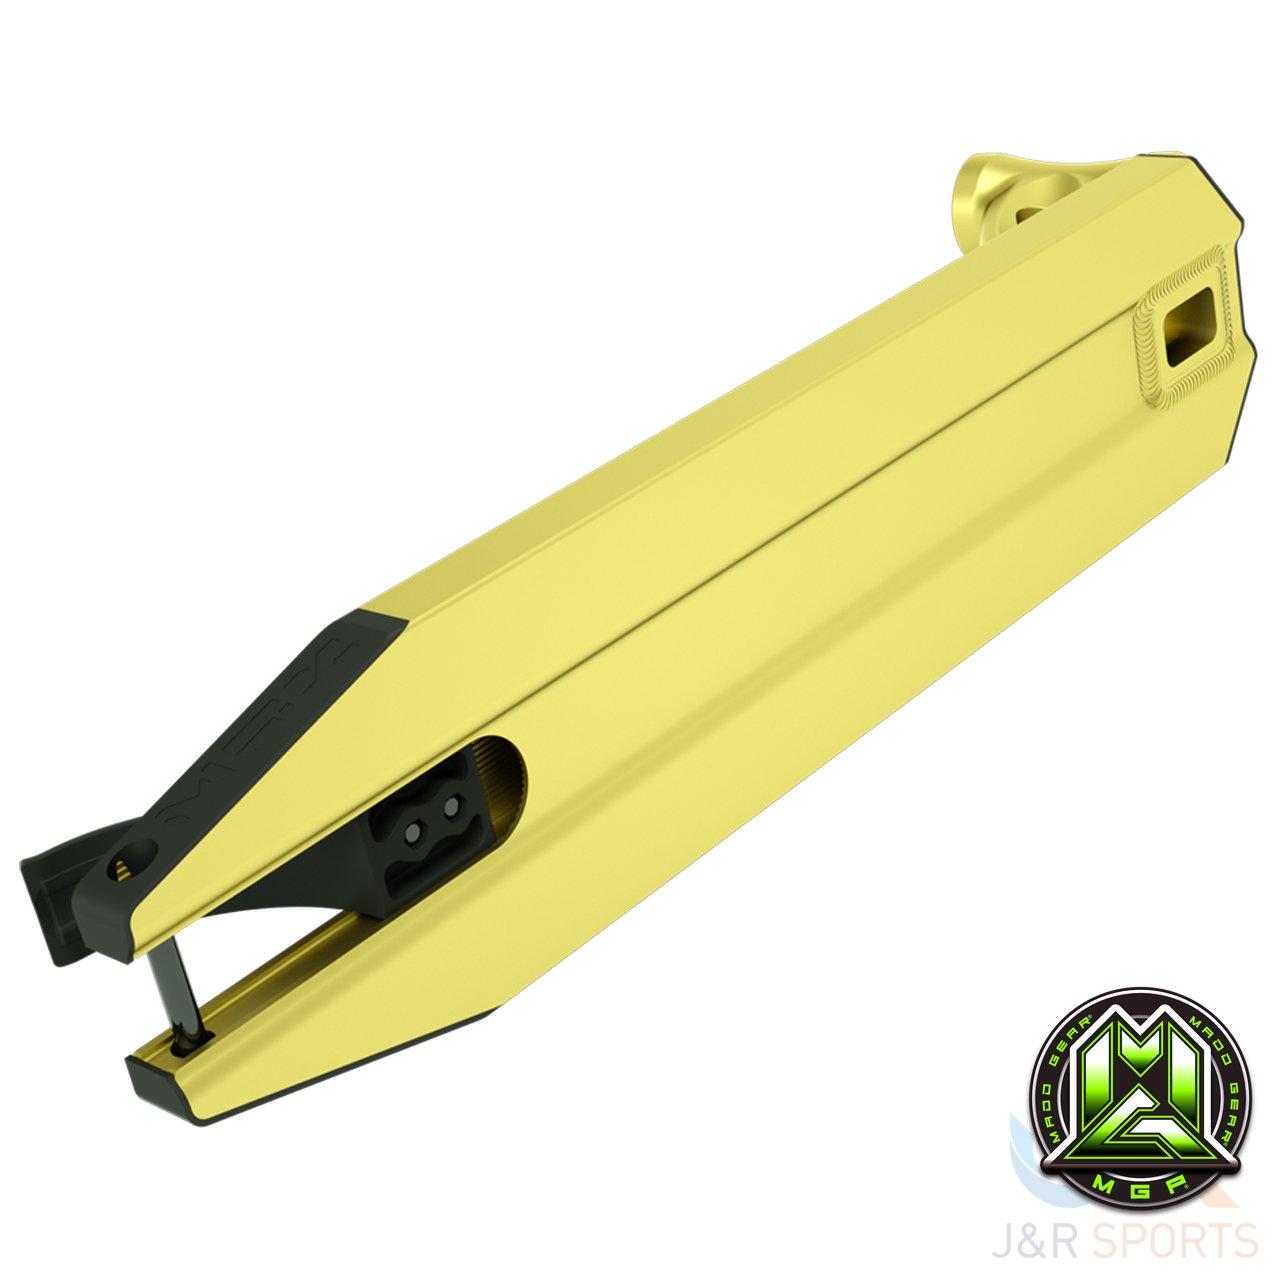 MGP VX8 Extreme Scooter Planche de longboard - Doré: Amazon ...